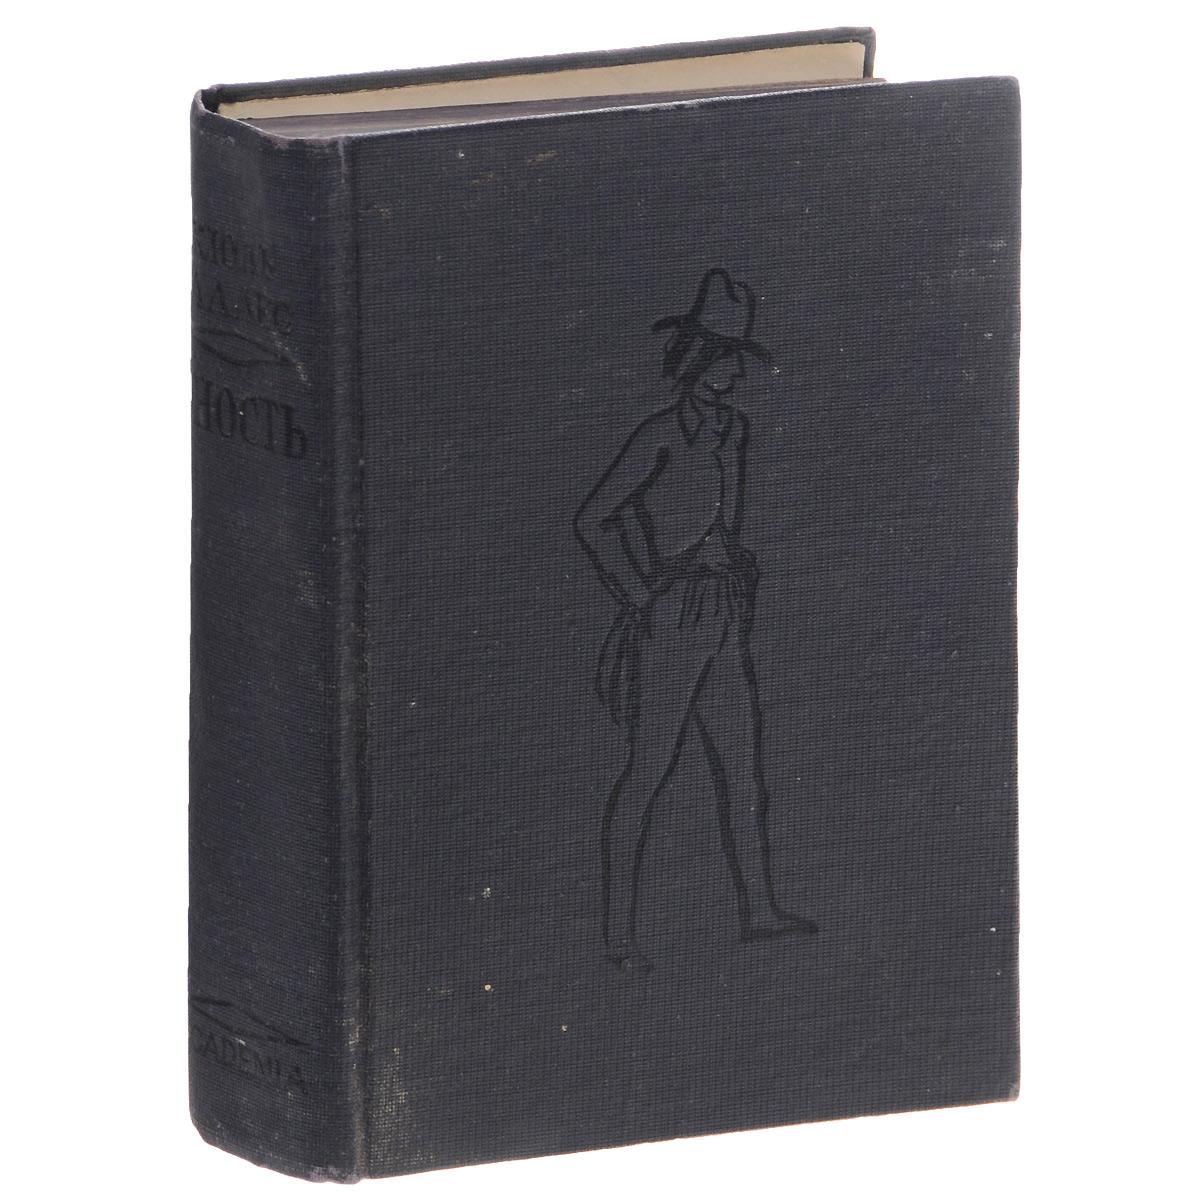 Юность791504В издание вошли вторая часть трилогии Жак Вентра ЮНОСТЬ и ВОСПОМИНАНИЯ Жюля Валлеса.